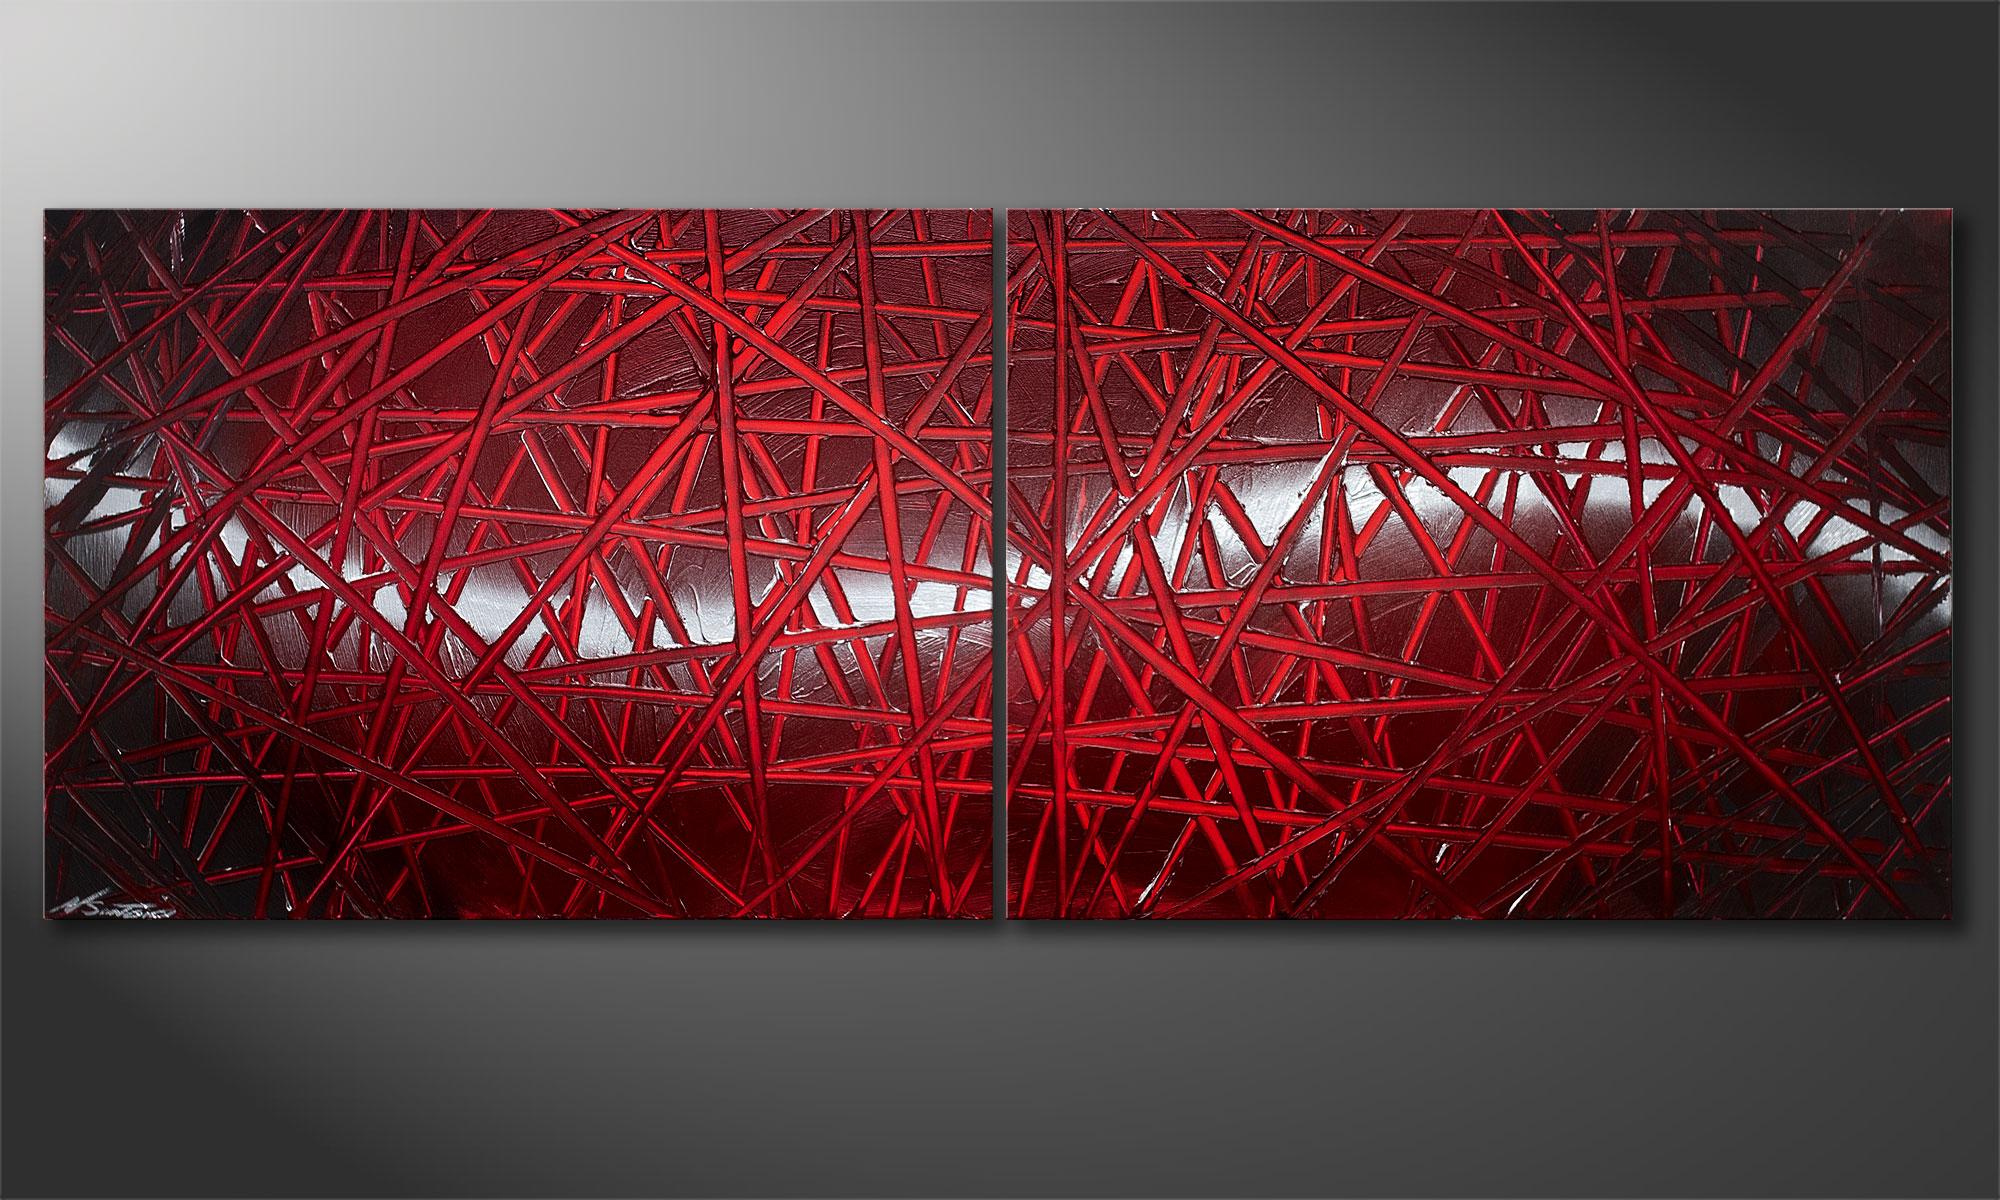 Unser Wandbild Red Push 160x60cm Wandbilder Xxl